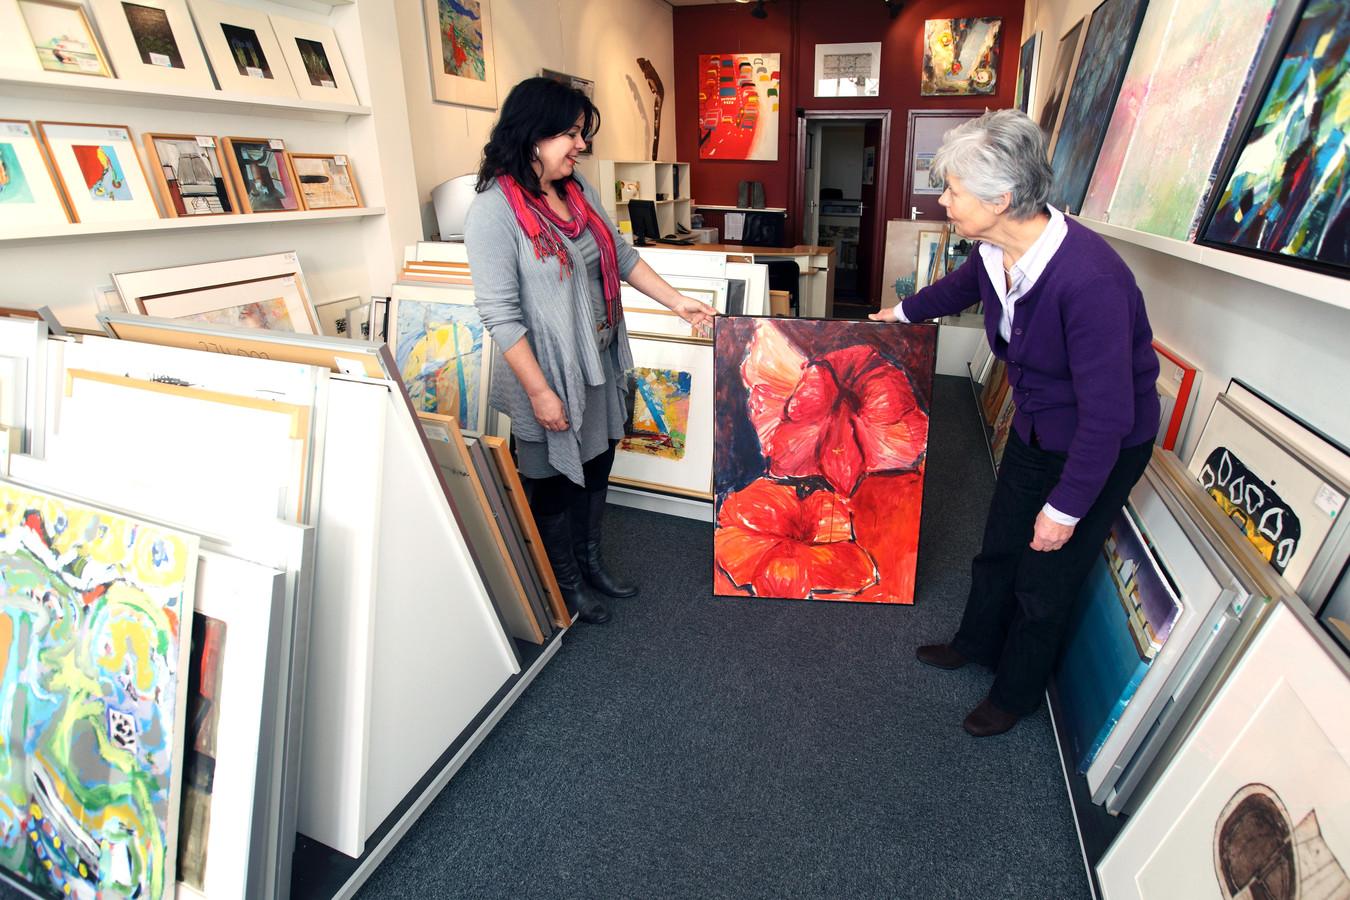 Bij Arthotheek 18 is een ruime keuze uit kunstwerken die gehuurd kunnen worden. Desgewenst helpen medewerkers in het maken van de keuze.